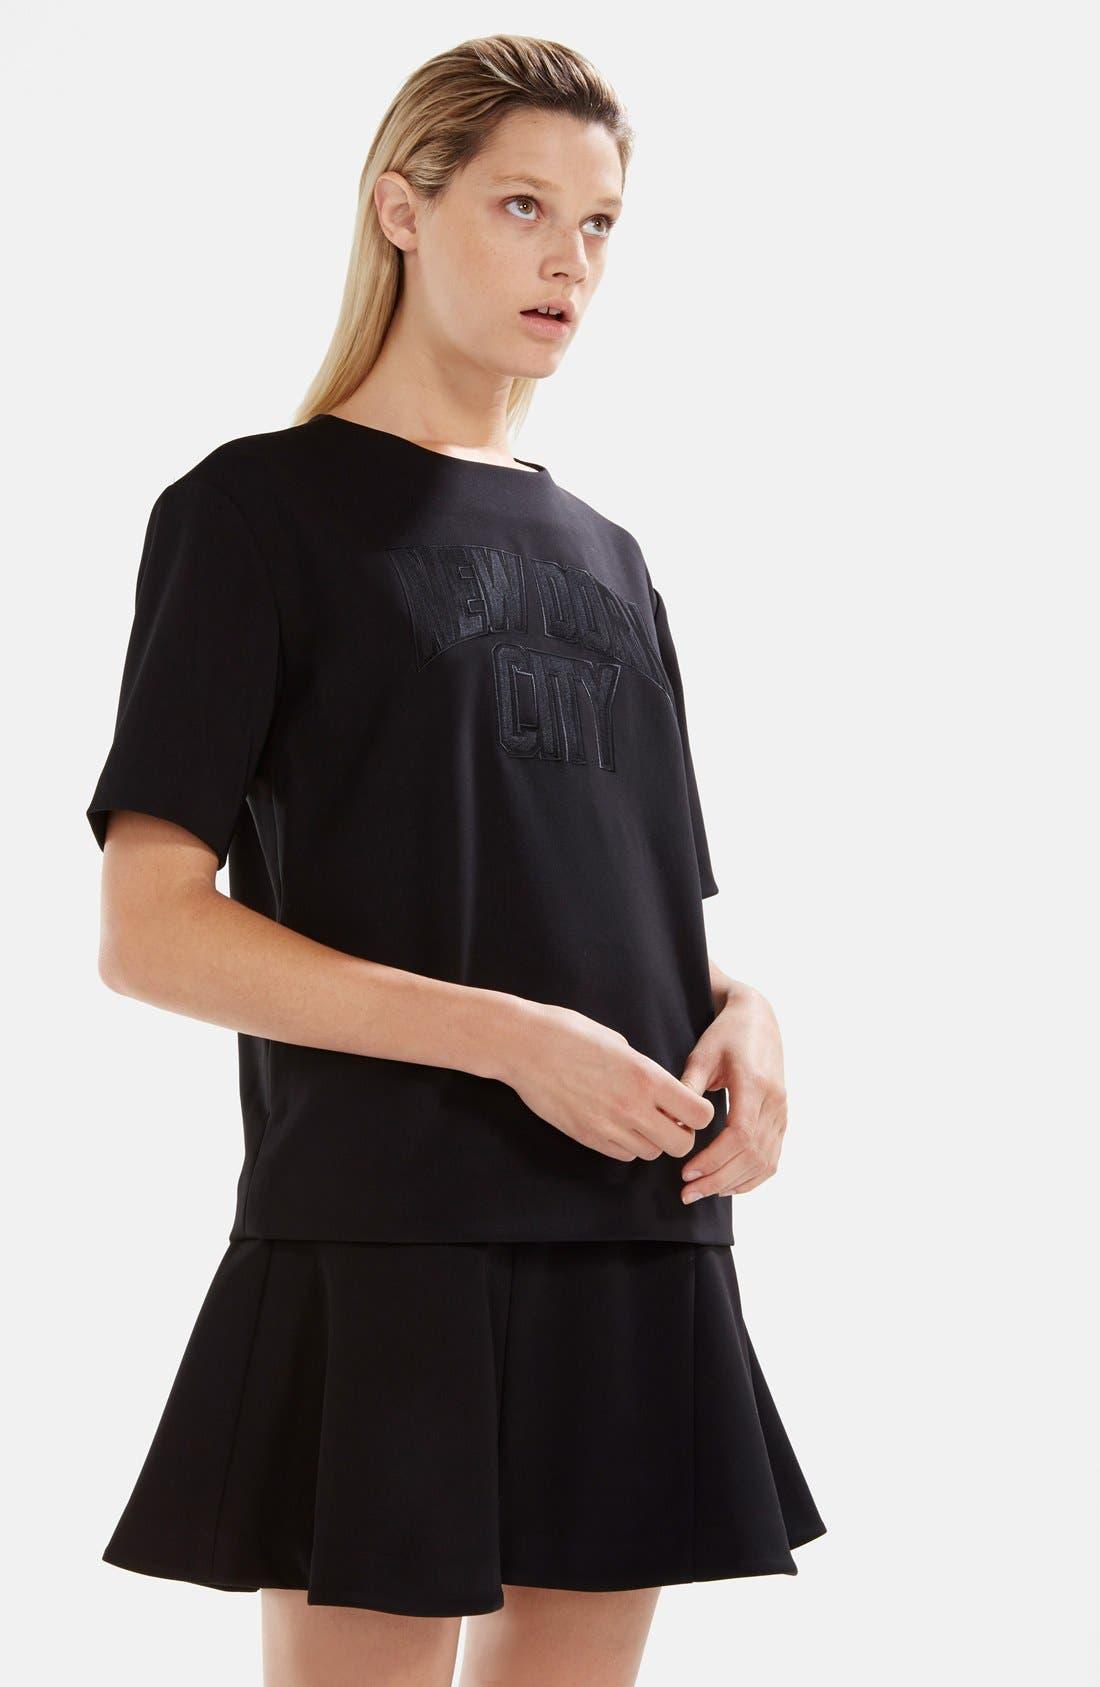 Alternate Image 3  - izzue Bonded T-Shirt Dress (Women)